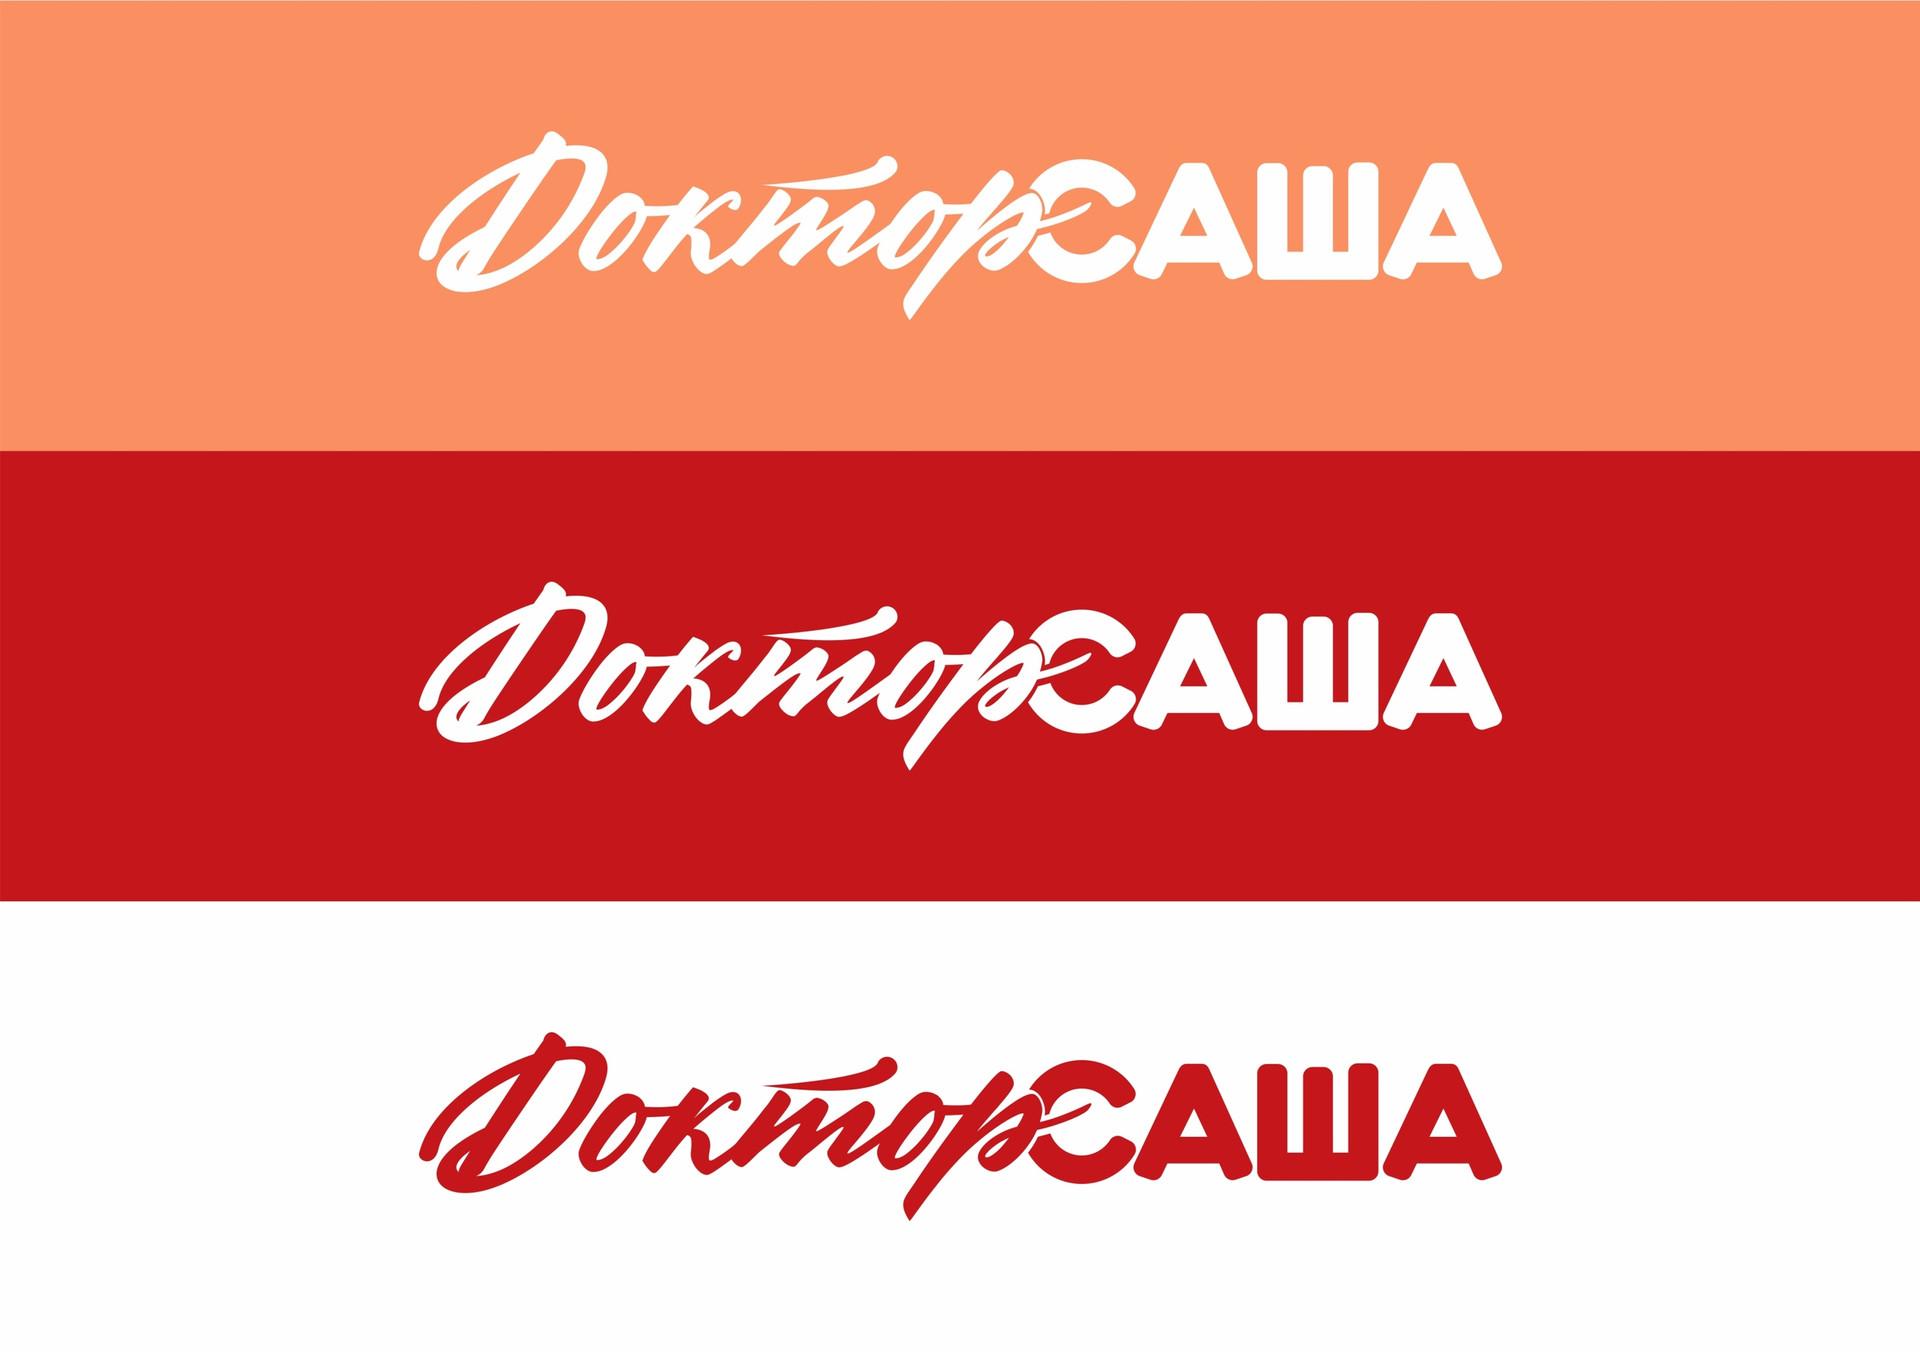 Вариации использования логотипа